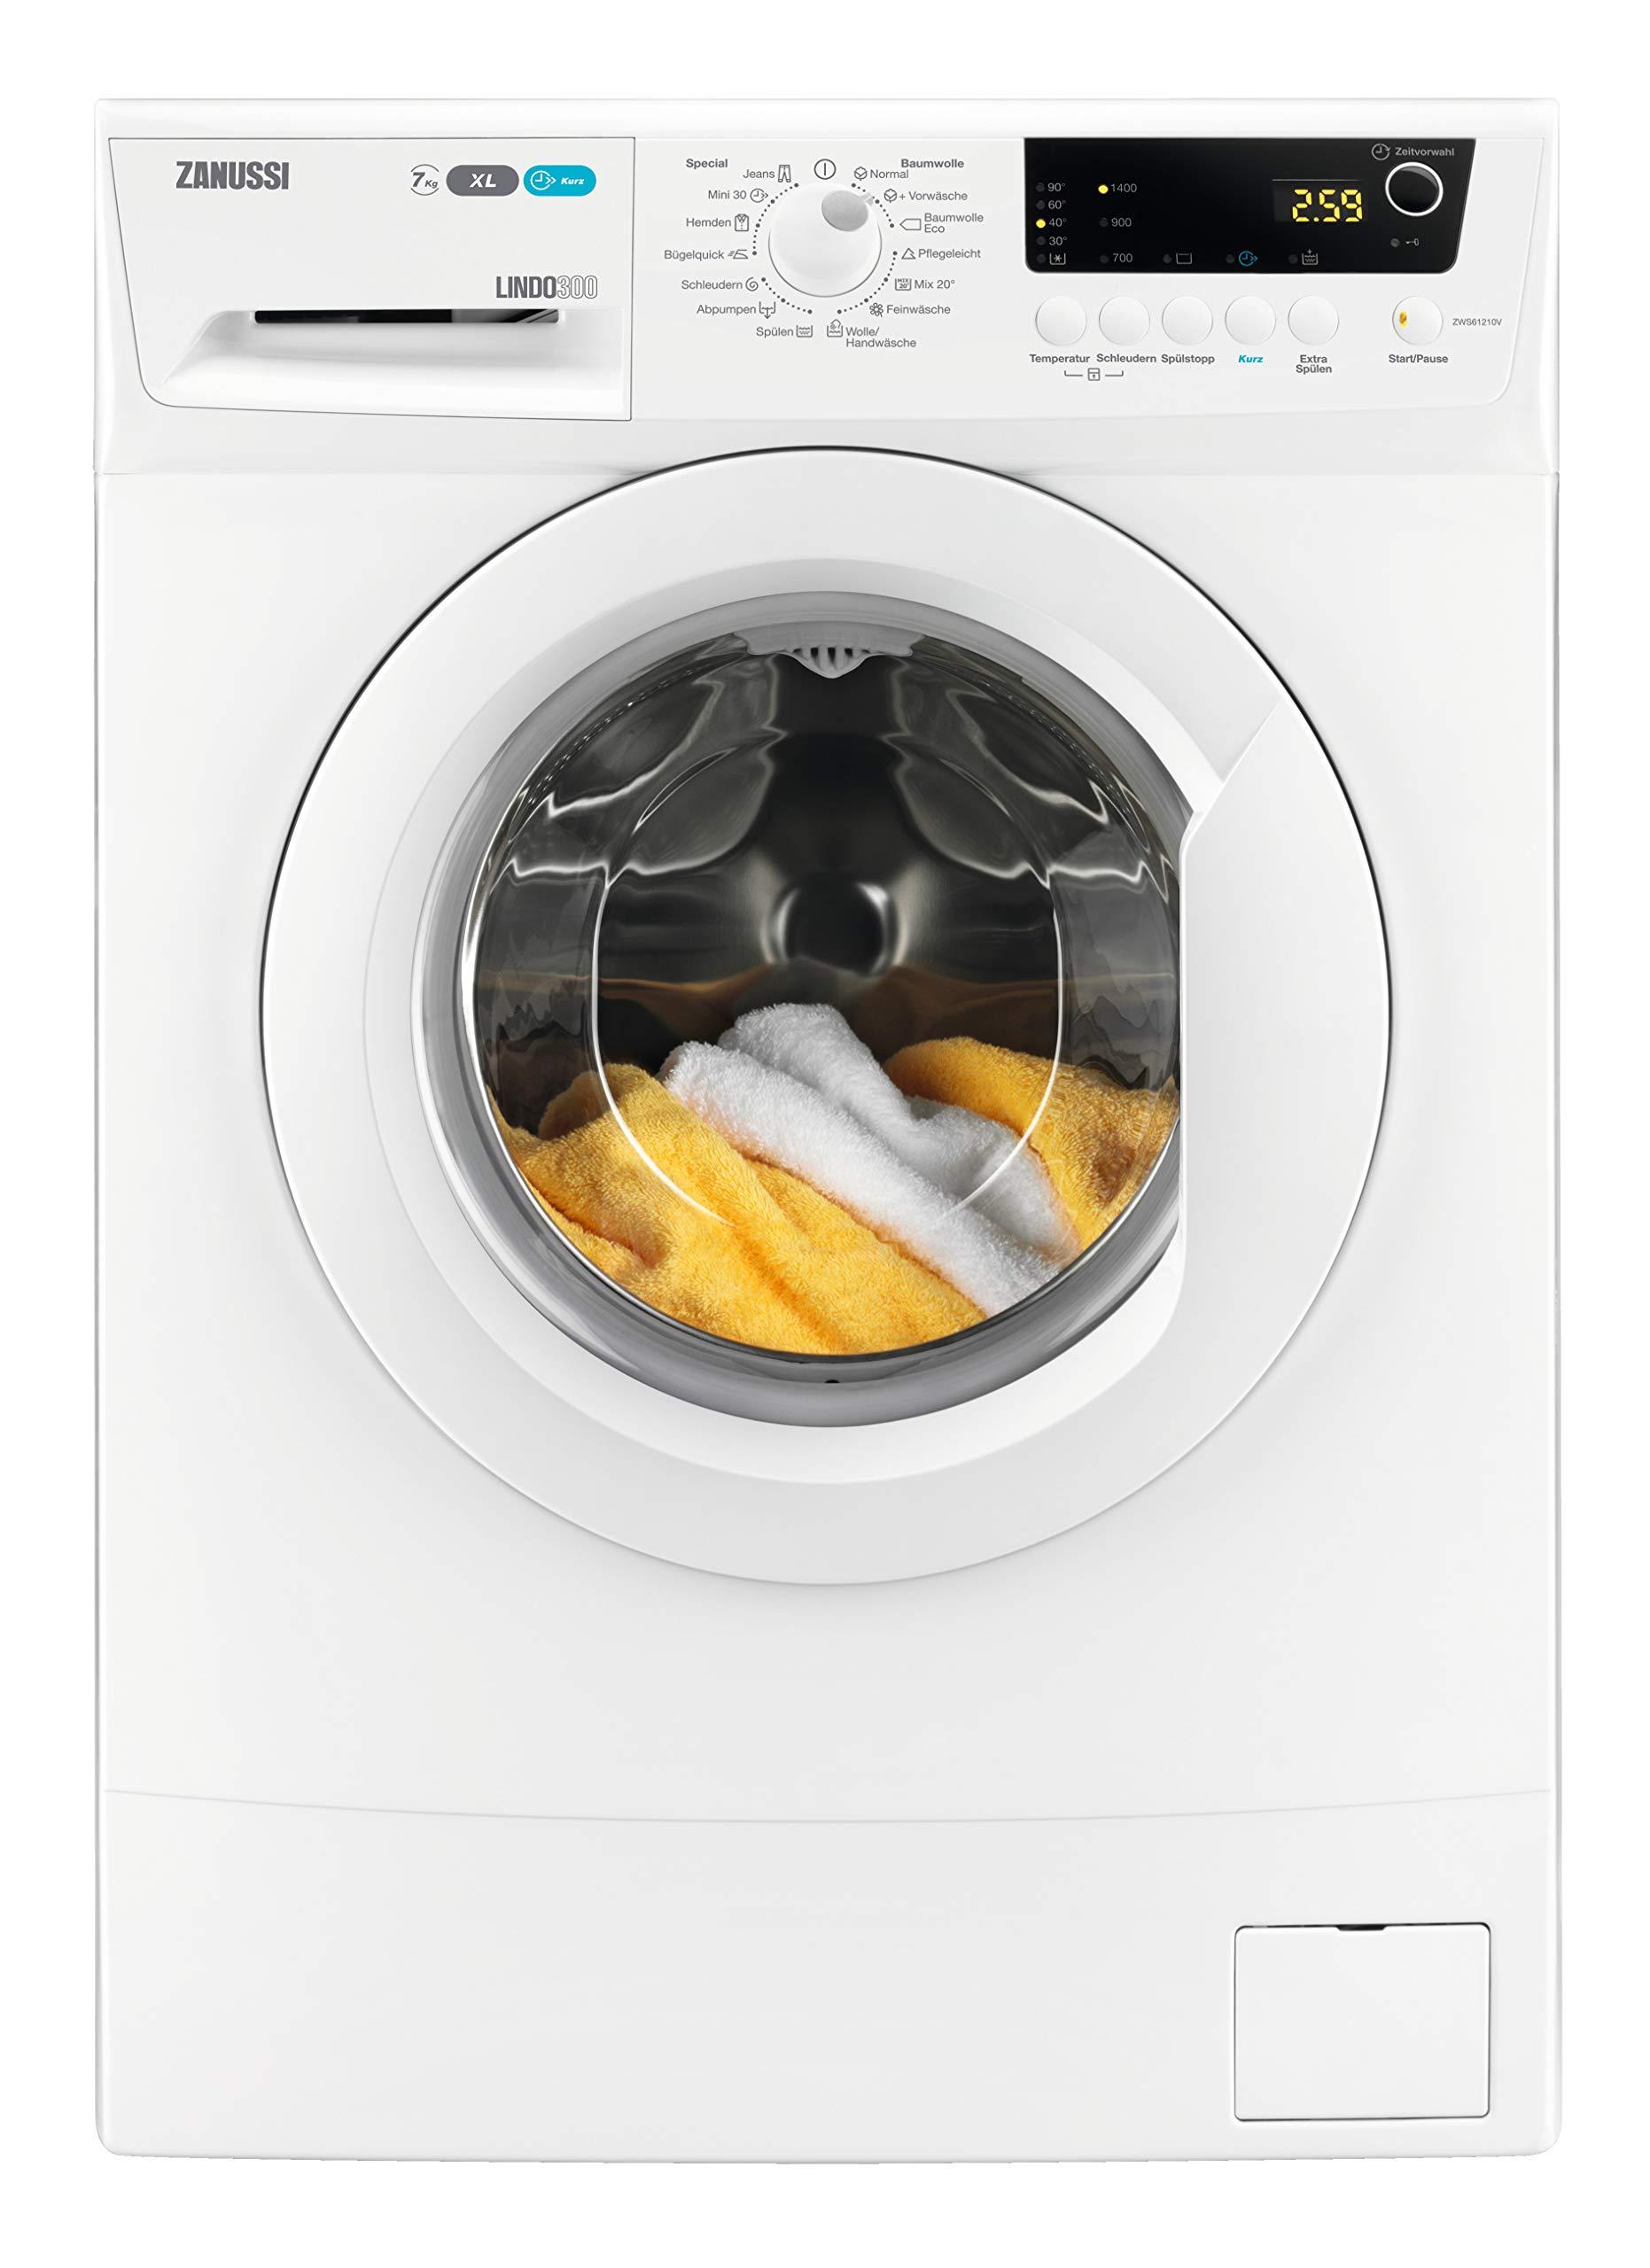 Zanussi-ZWS71420V-Kompakte-Waschmaschine-mit-nur-491-mm-Tiefe-70-kgKindersicherung-1400-Umin